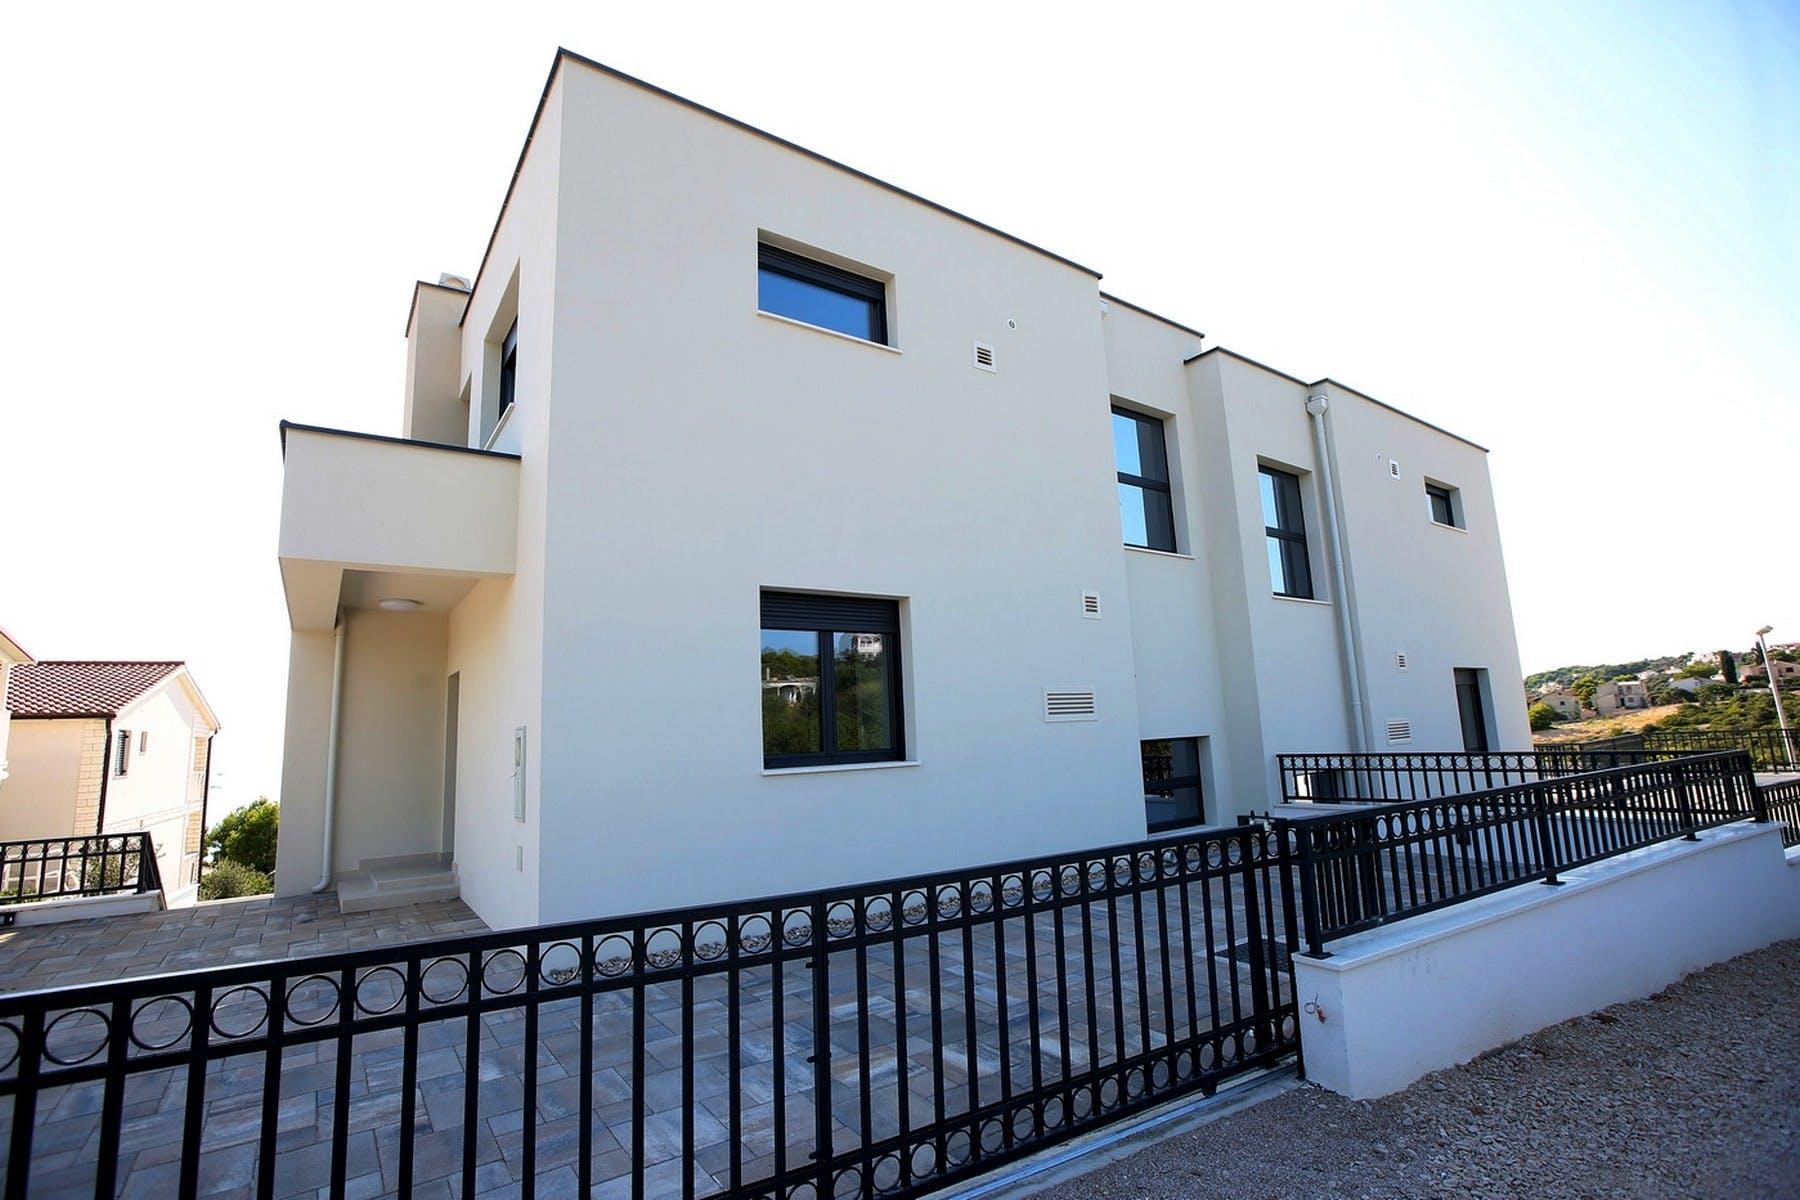 Prodaju se novoizgrađene vile u okolici Rogoznice